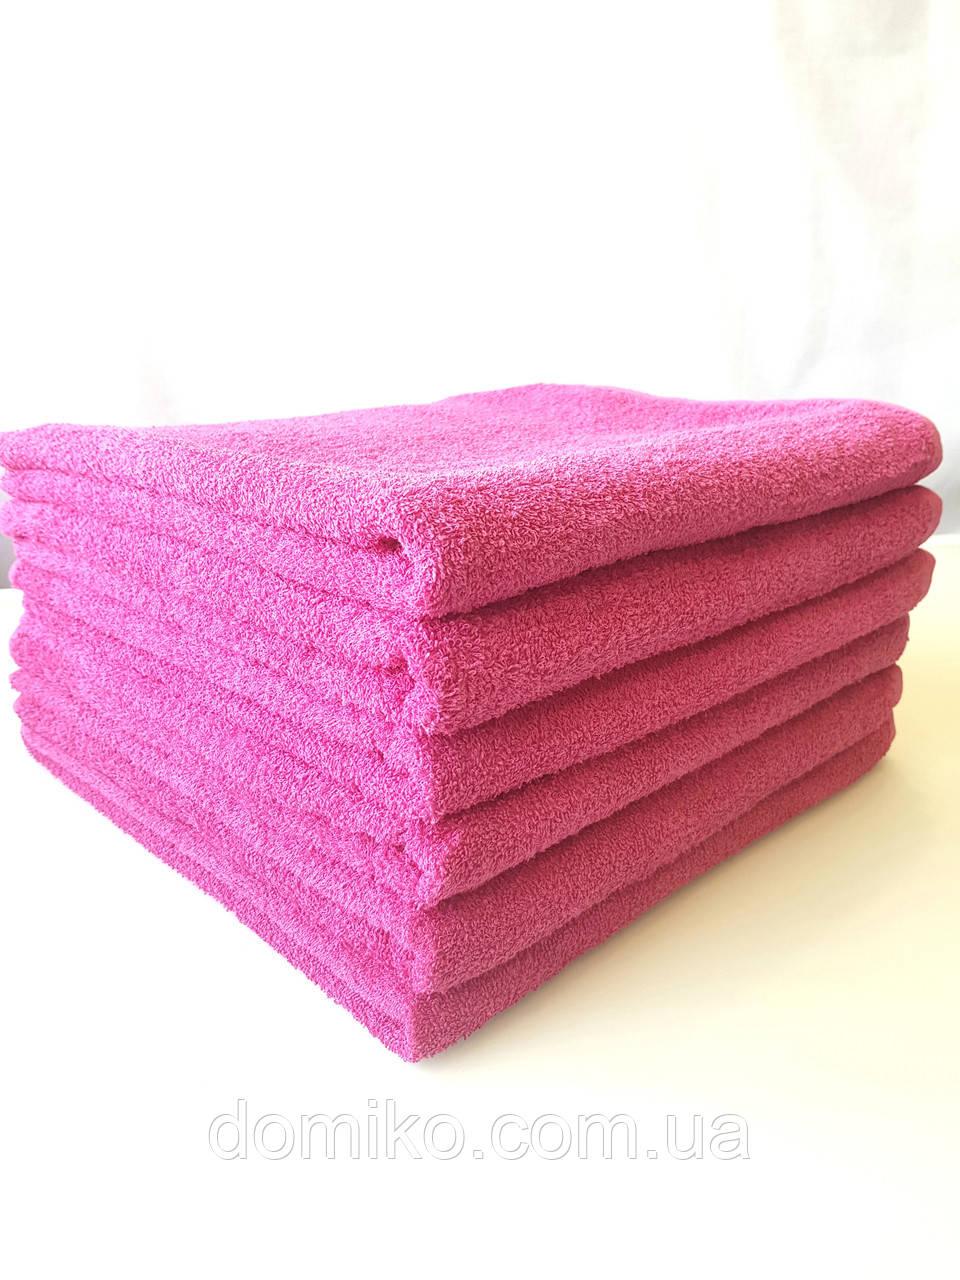 Полотенце махровое банное 70*140 розовое Узбекистан